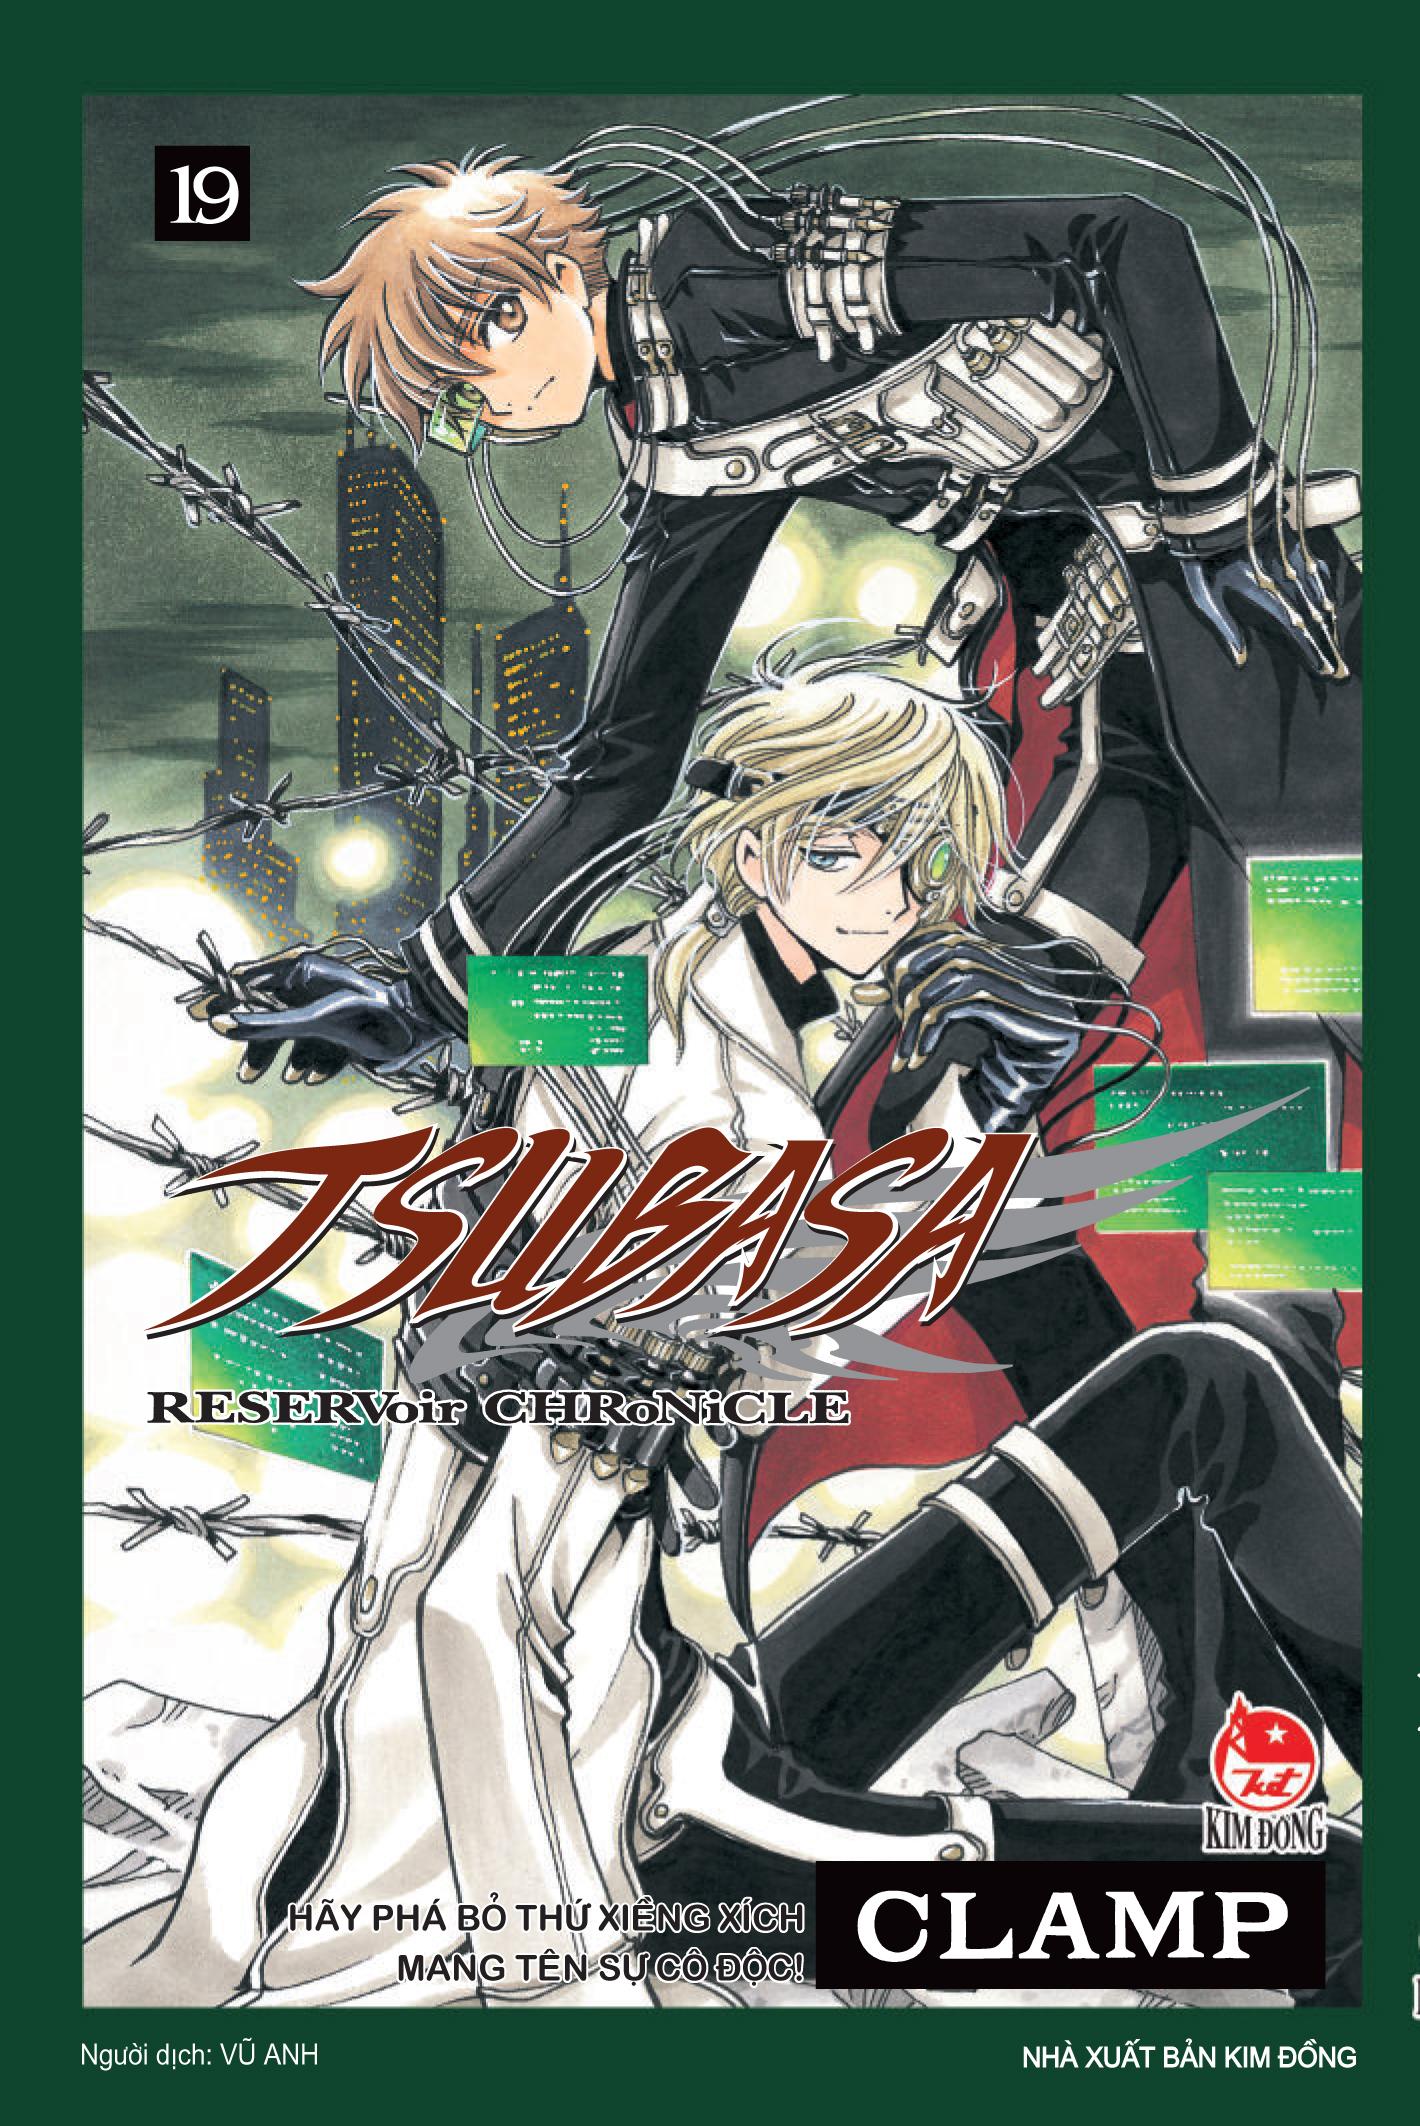 Bìa sách Tsubasa - Đôi Cánh Thiên Thần (Tập 19)